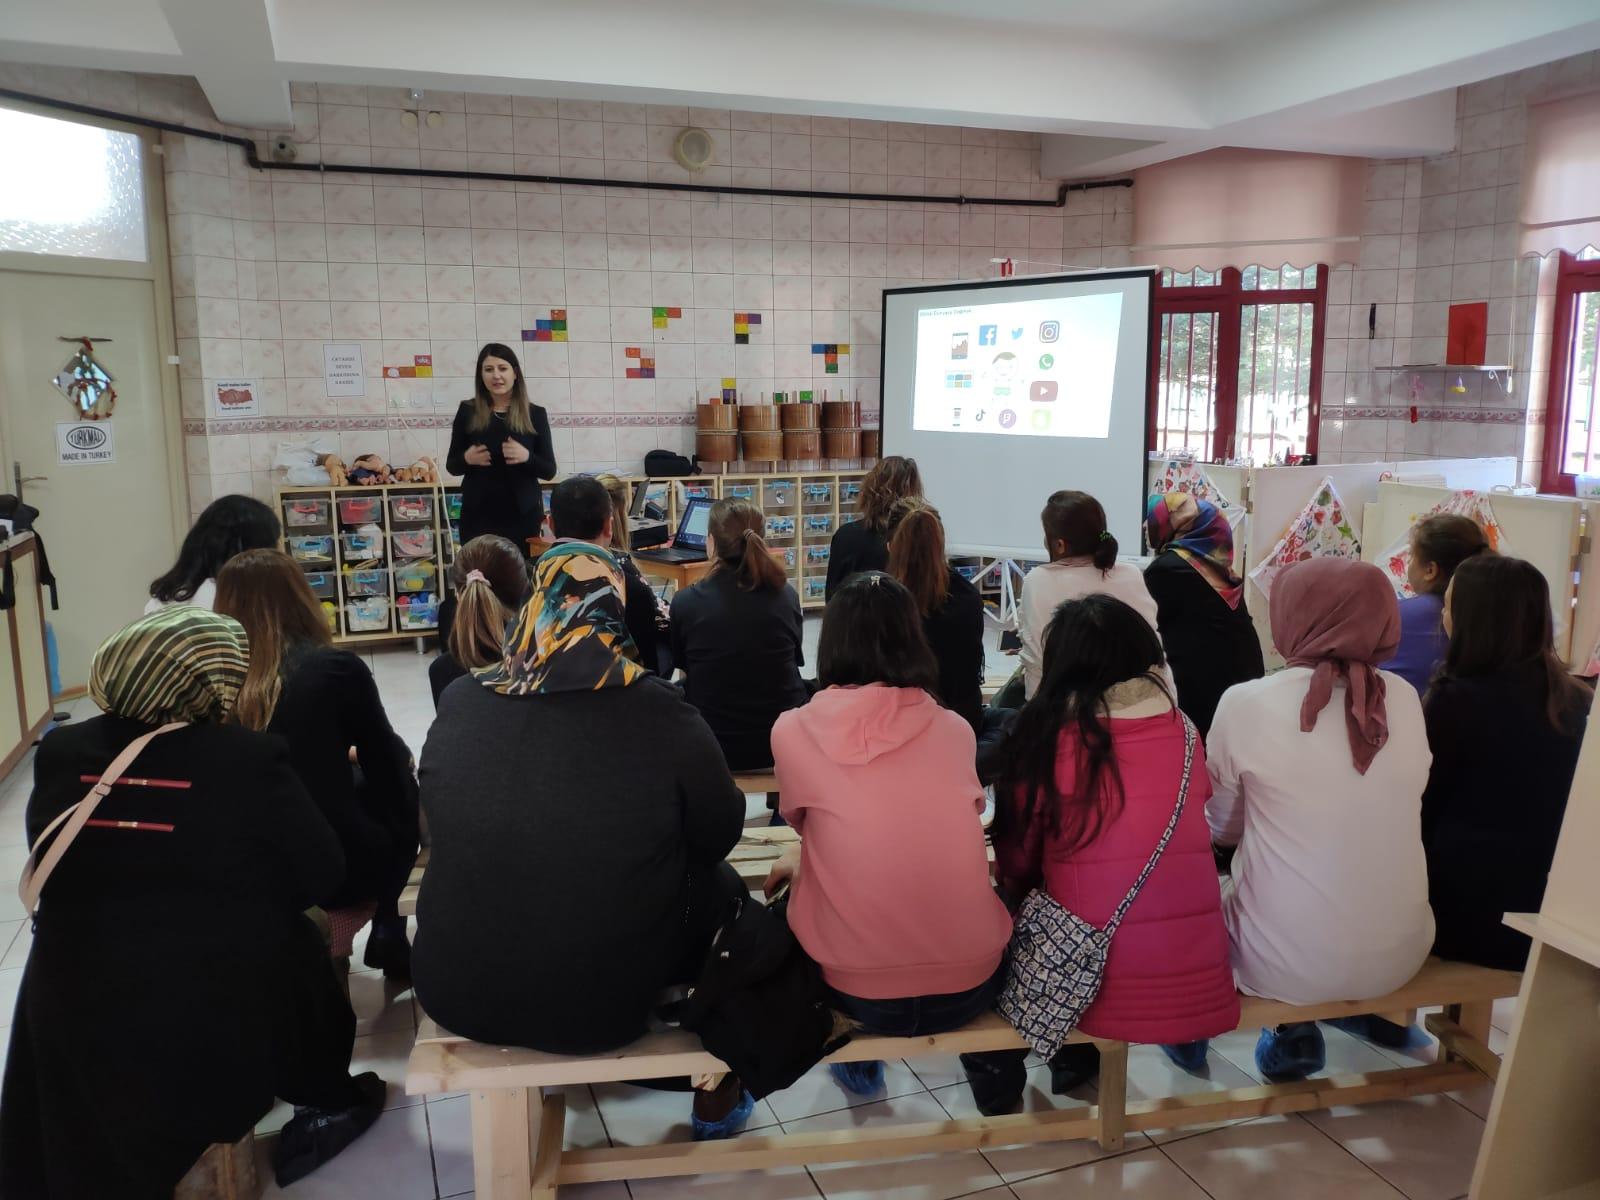 Ankara Sincan Lale Anaokulu Öğrenmen ve Velilere, Bilinçli ve Güvenli İnternet Semineri